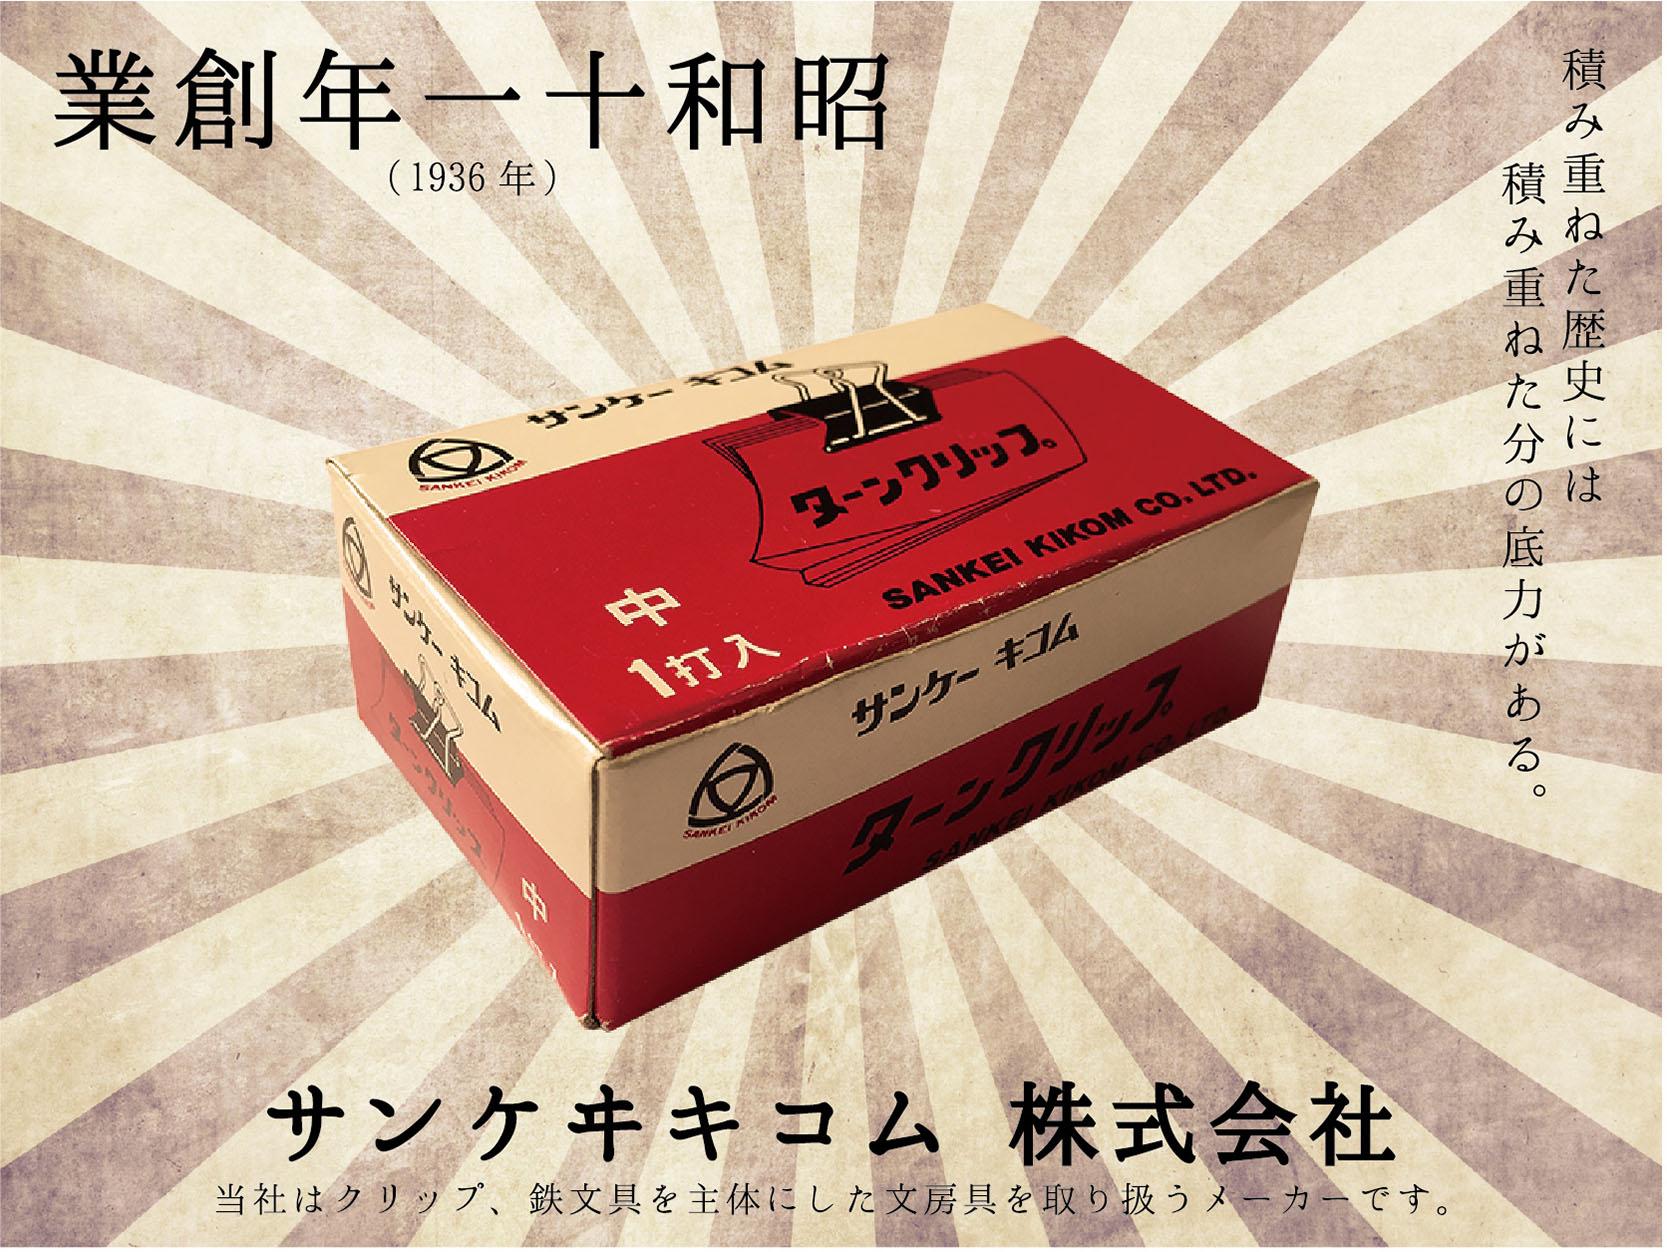 サンケーキコムは昭和11年(1936年)創業の老舗メーカーです